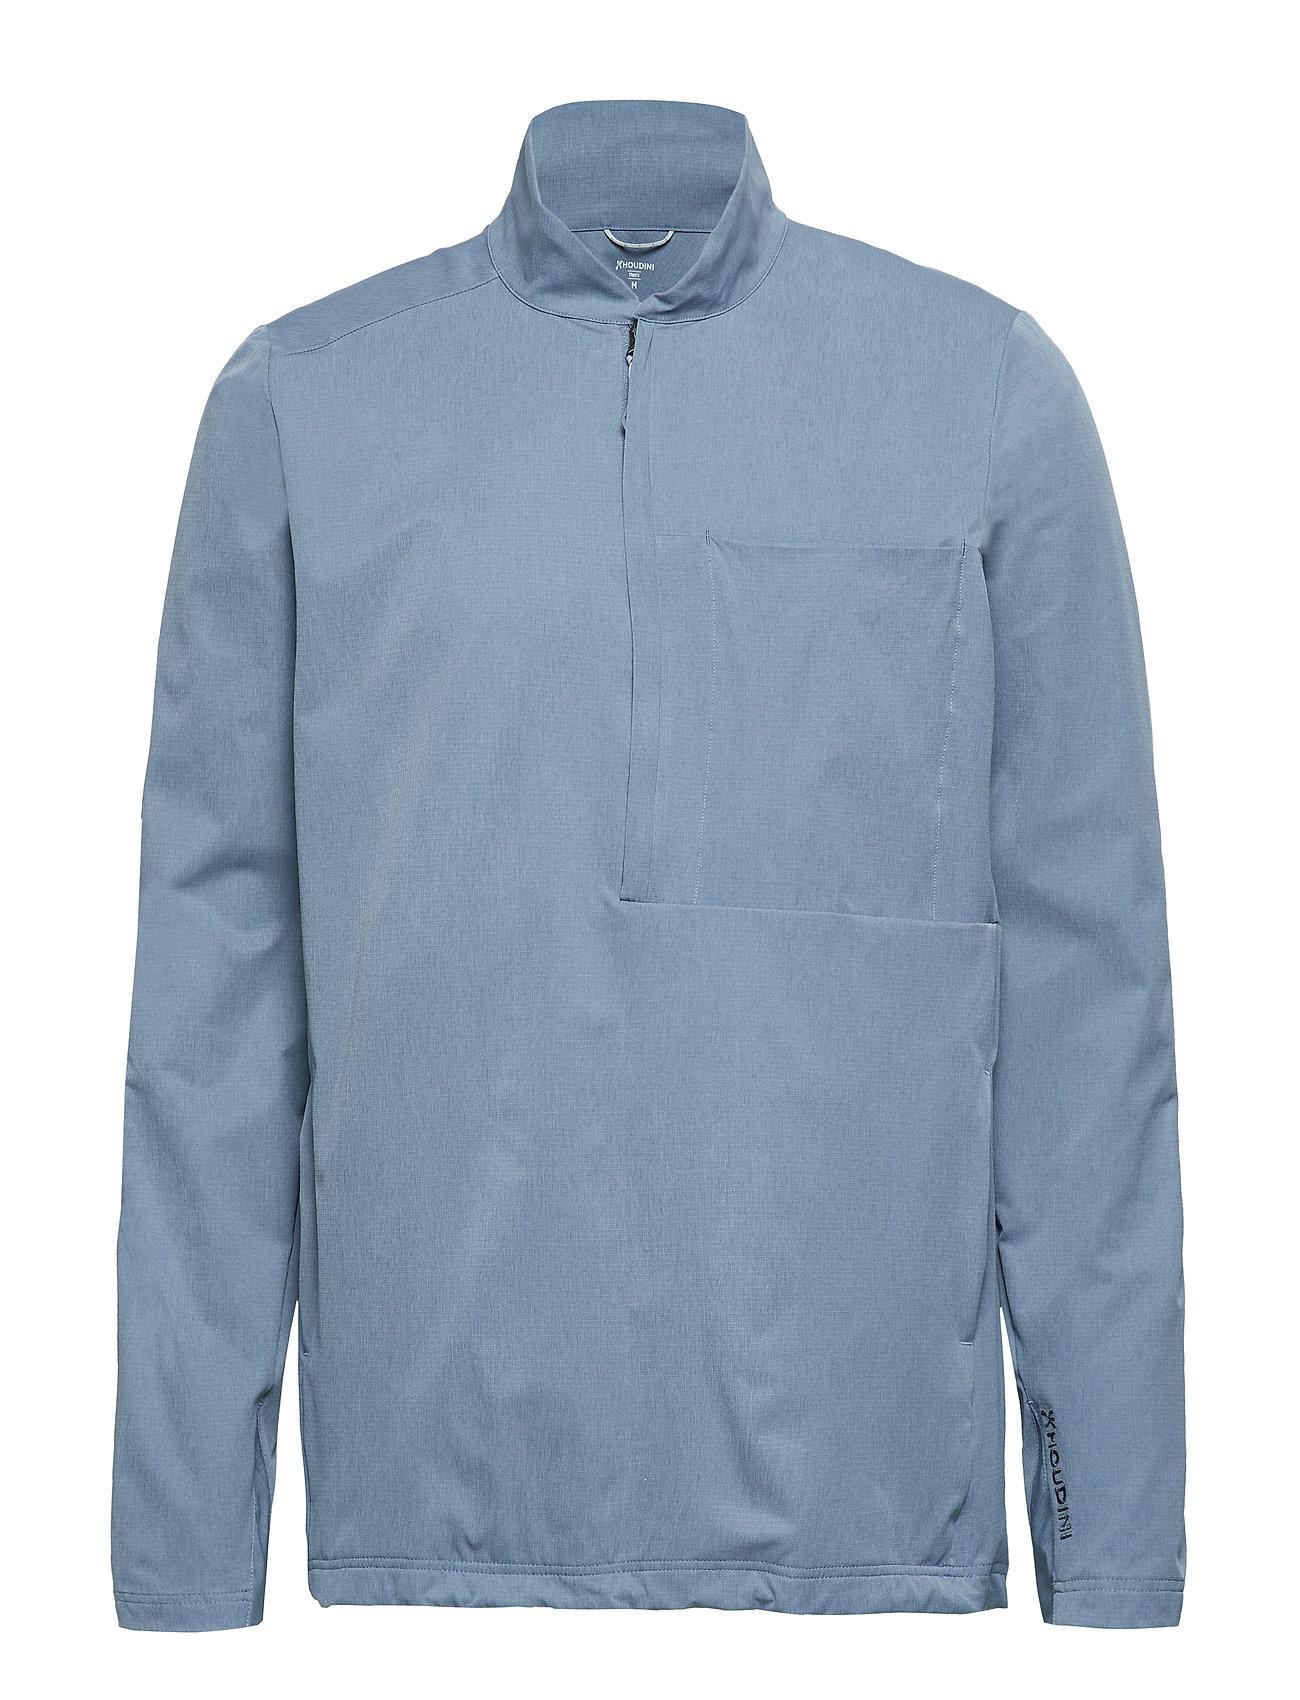 Houdini M's Daybreak Pullover - SHIVERING BLUE